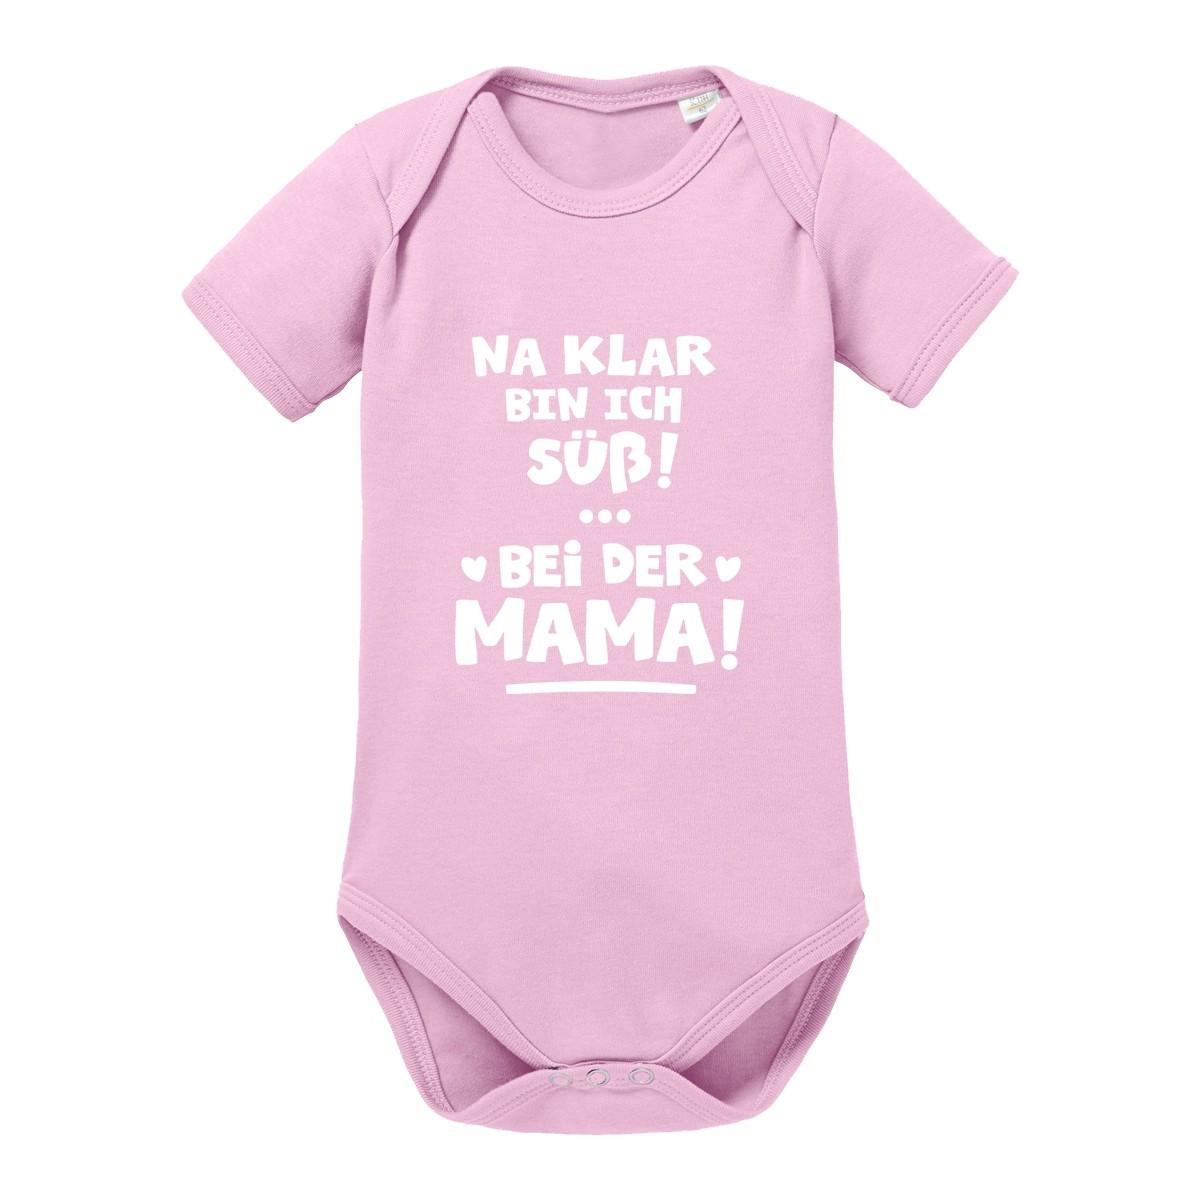 Babybody Modell: Na klar bin ich süß! Bei der Mama!